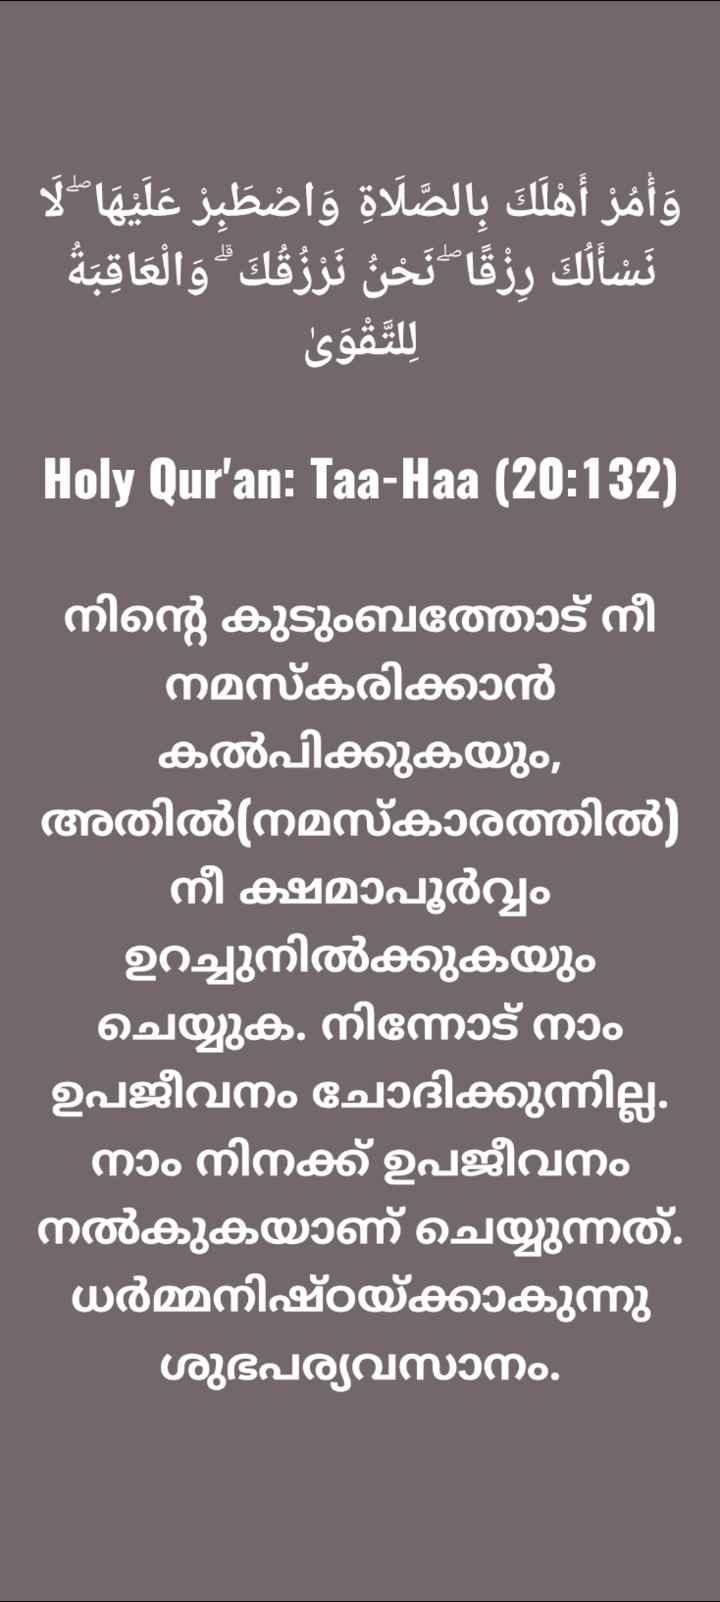 🙏🏼 ഭക്തി - - 14 وأمر أهلك بالصلاۃ واضطبز عليها نسألك رزقا نخ تروقك والعاقبة للتقوى   Holy Qur ' an : Taa - Haa ( 20 : 132 ) നിന്റെ കുടുംബത്തോട് നീ നമസ്കരിക്കാൻ കൽപിക്കുകയും , അതിൽ ( നമസ്കാരത്തിൽ ) - നീ ക്ഷമാപൂർവ്വം ഉറച്ചുനിൽക്കുകയും ചെയ്യുക . നിന്നോട് നാം ഉപജീവനം ചോദിക്കുന്നില്ല . നാം നിനക്ക് ഉപജീവനം നൽകുകയാണ് ചെയ്യുന്നത് . ധർമ്മനിഷ്ഠയ്ക്കാകുന്നു ശുഭപര്യവസാനം . - ShareChat